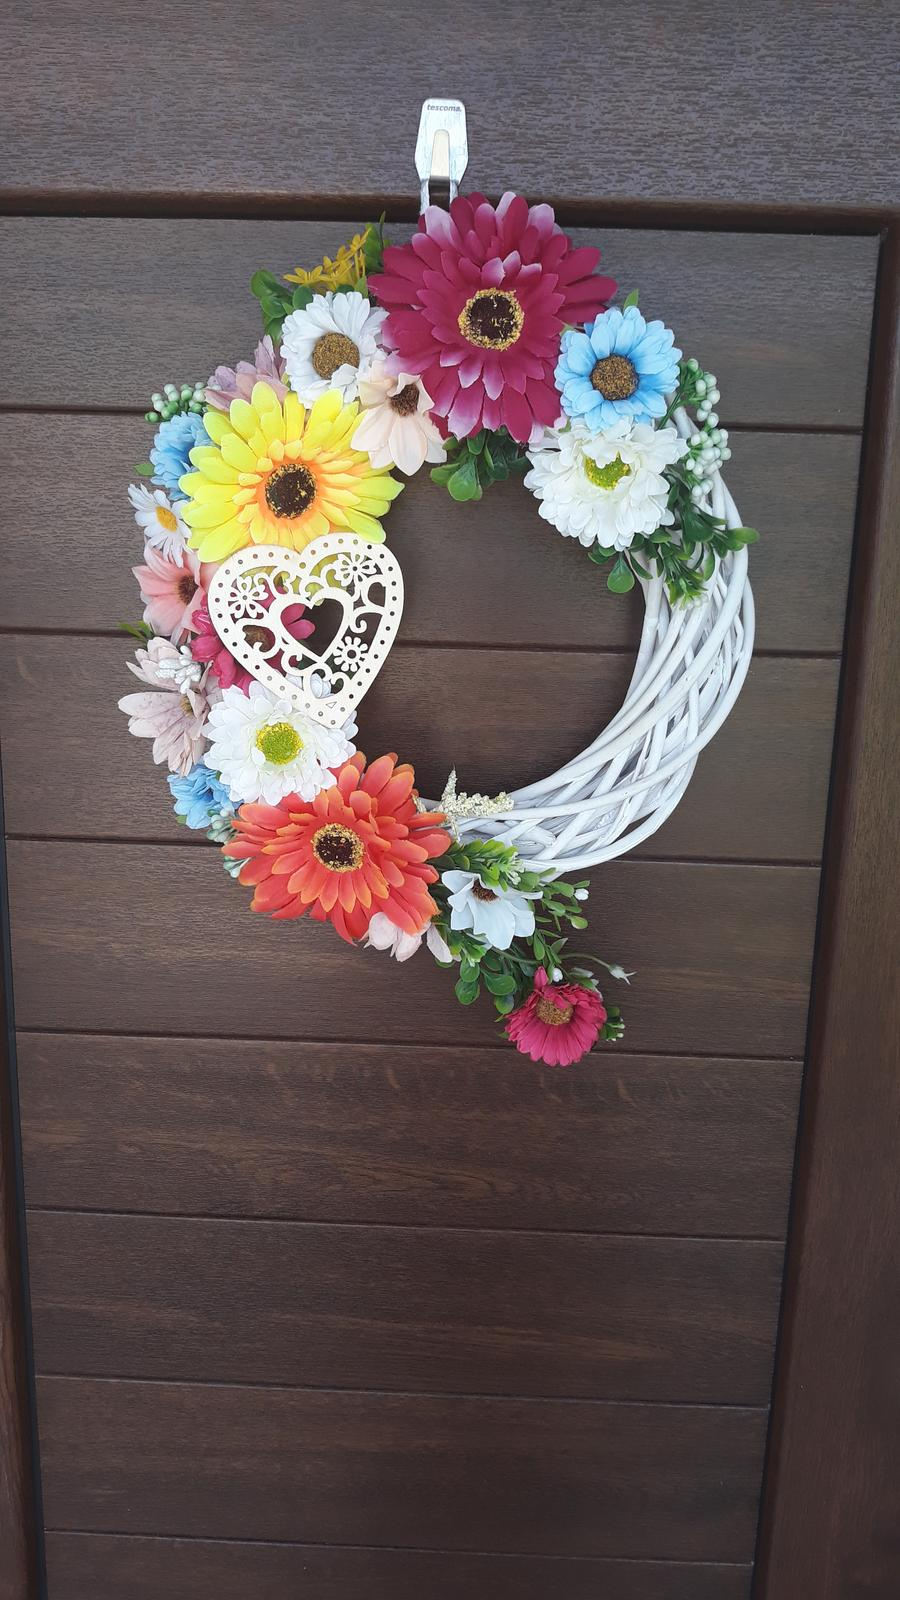 Kvetinkovo - Obrázok č. 1